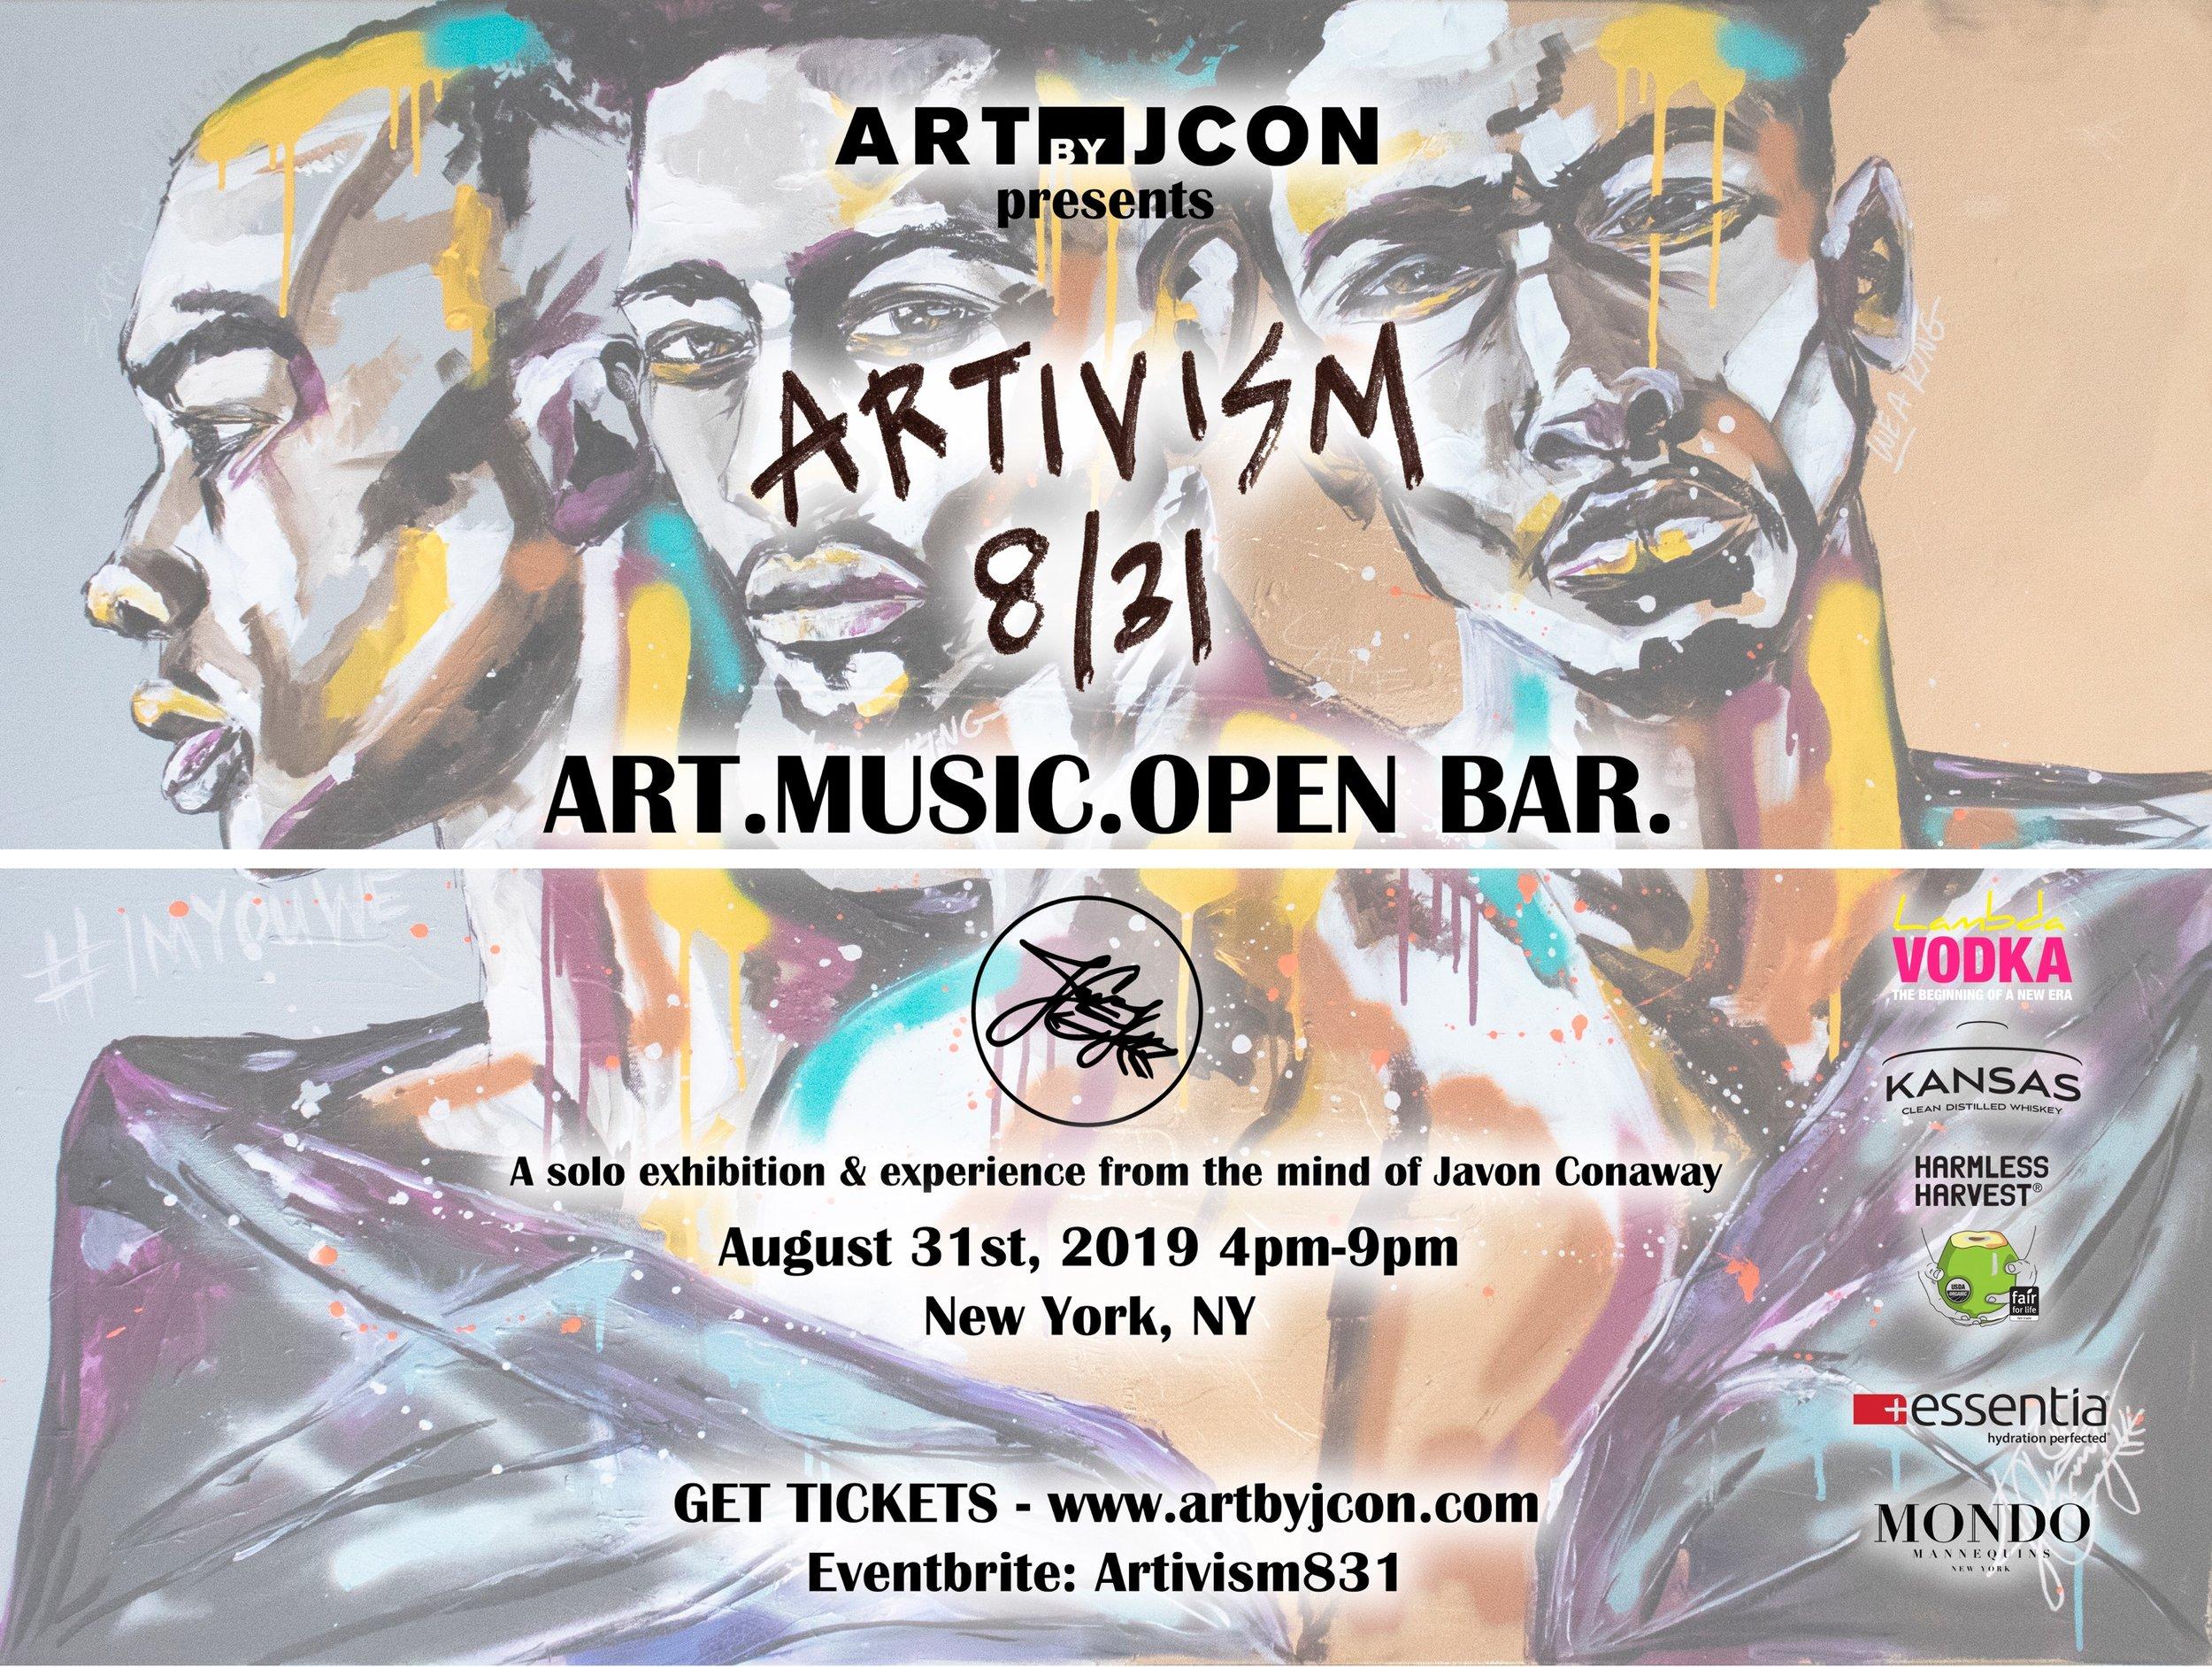 artivism by jcon - art, music and open bar